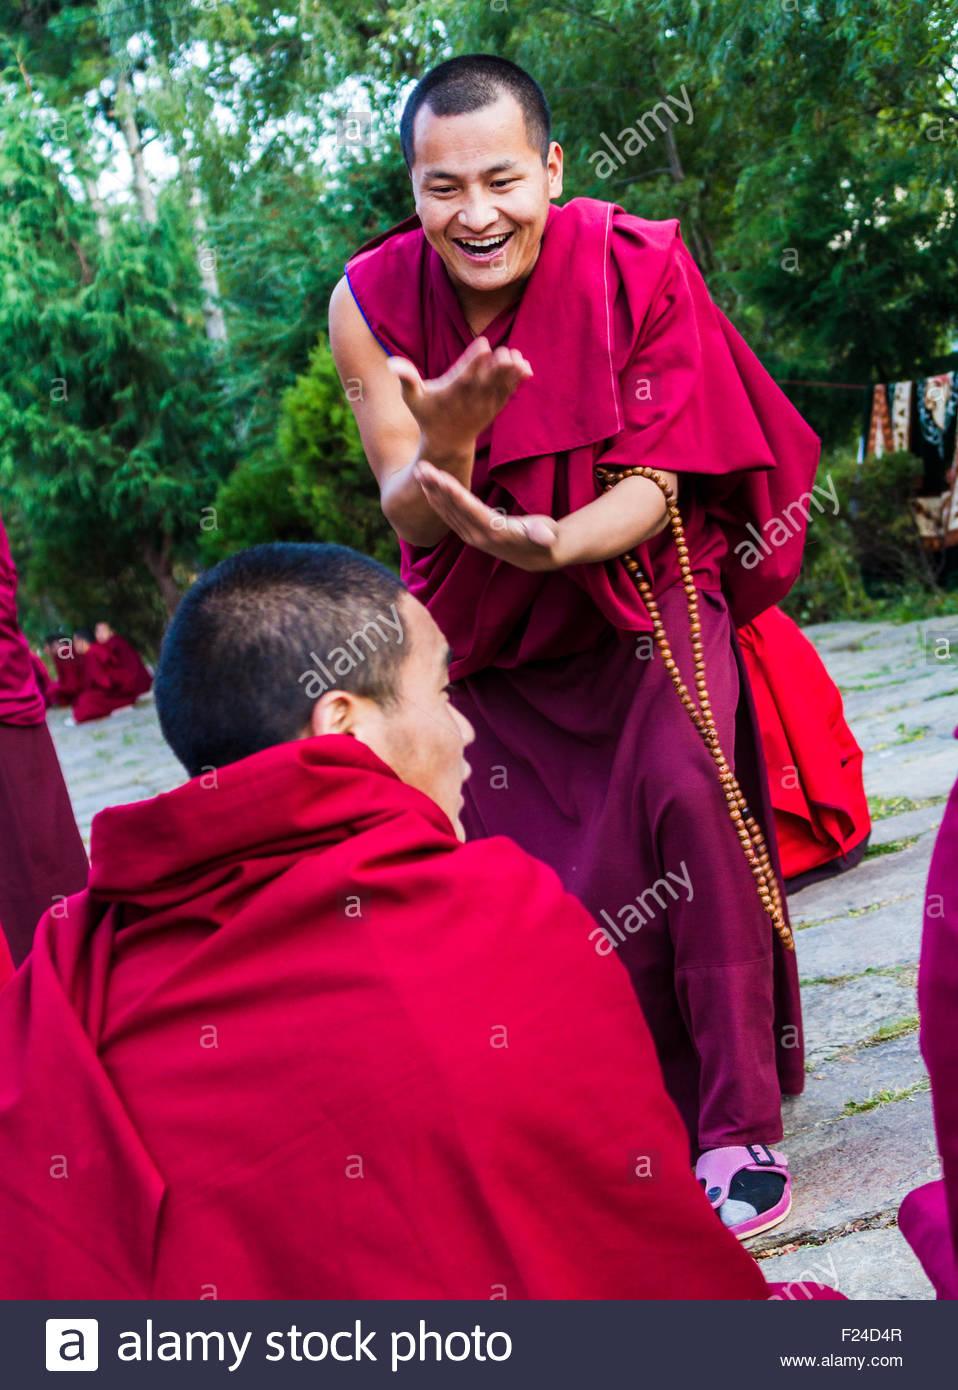 Les moines bouddhistes bhoutanais s'engager dans des débats philosophiques dans la cour d'un monastère Photo Stock